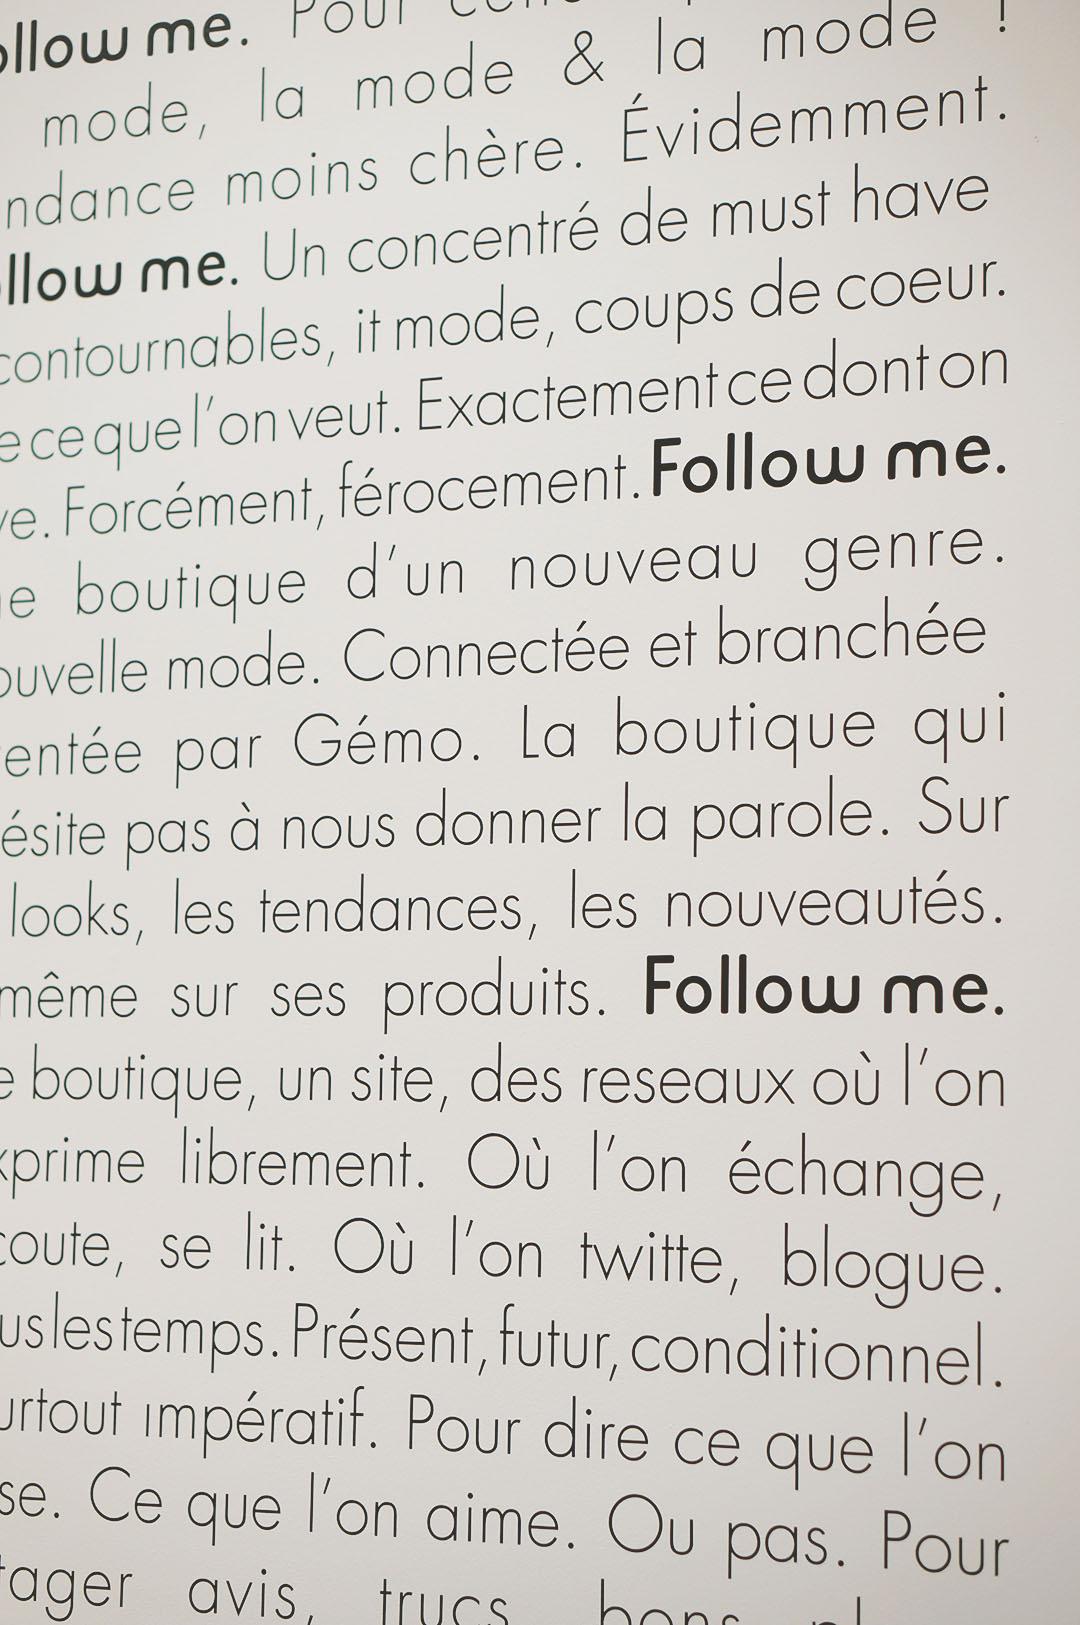 3_concours_follow_me_geme_boutique_nantes